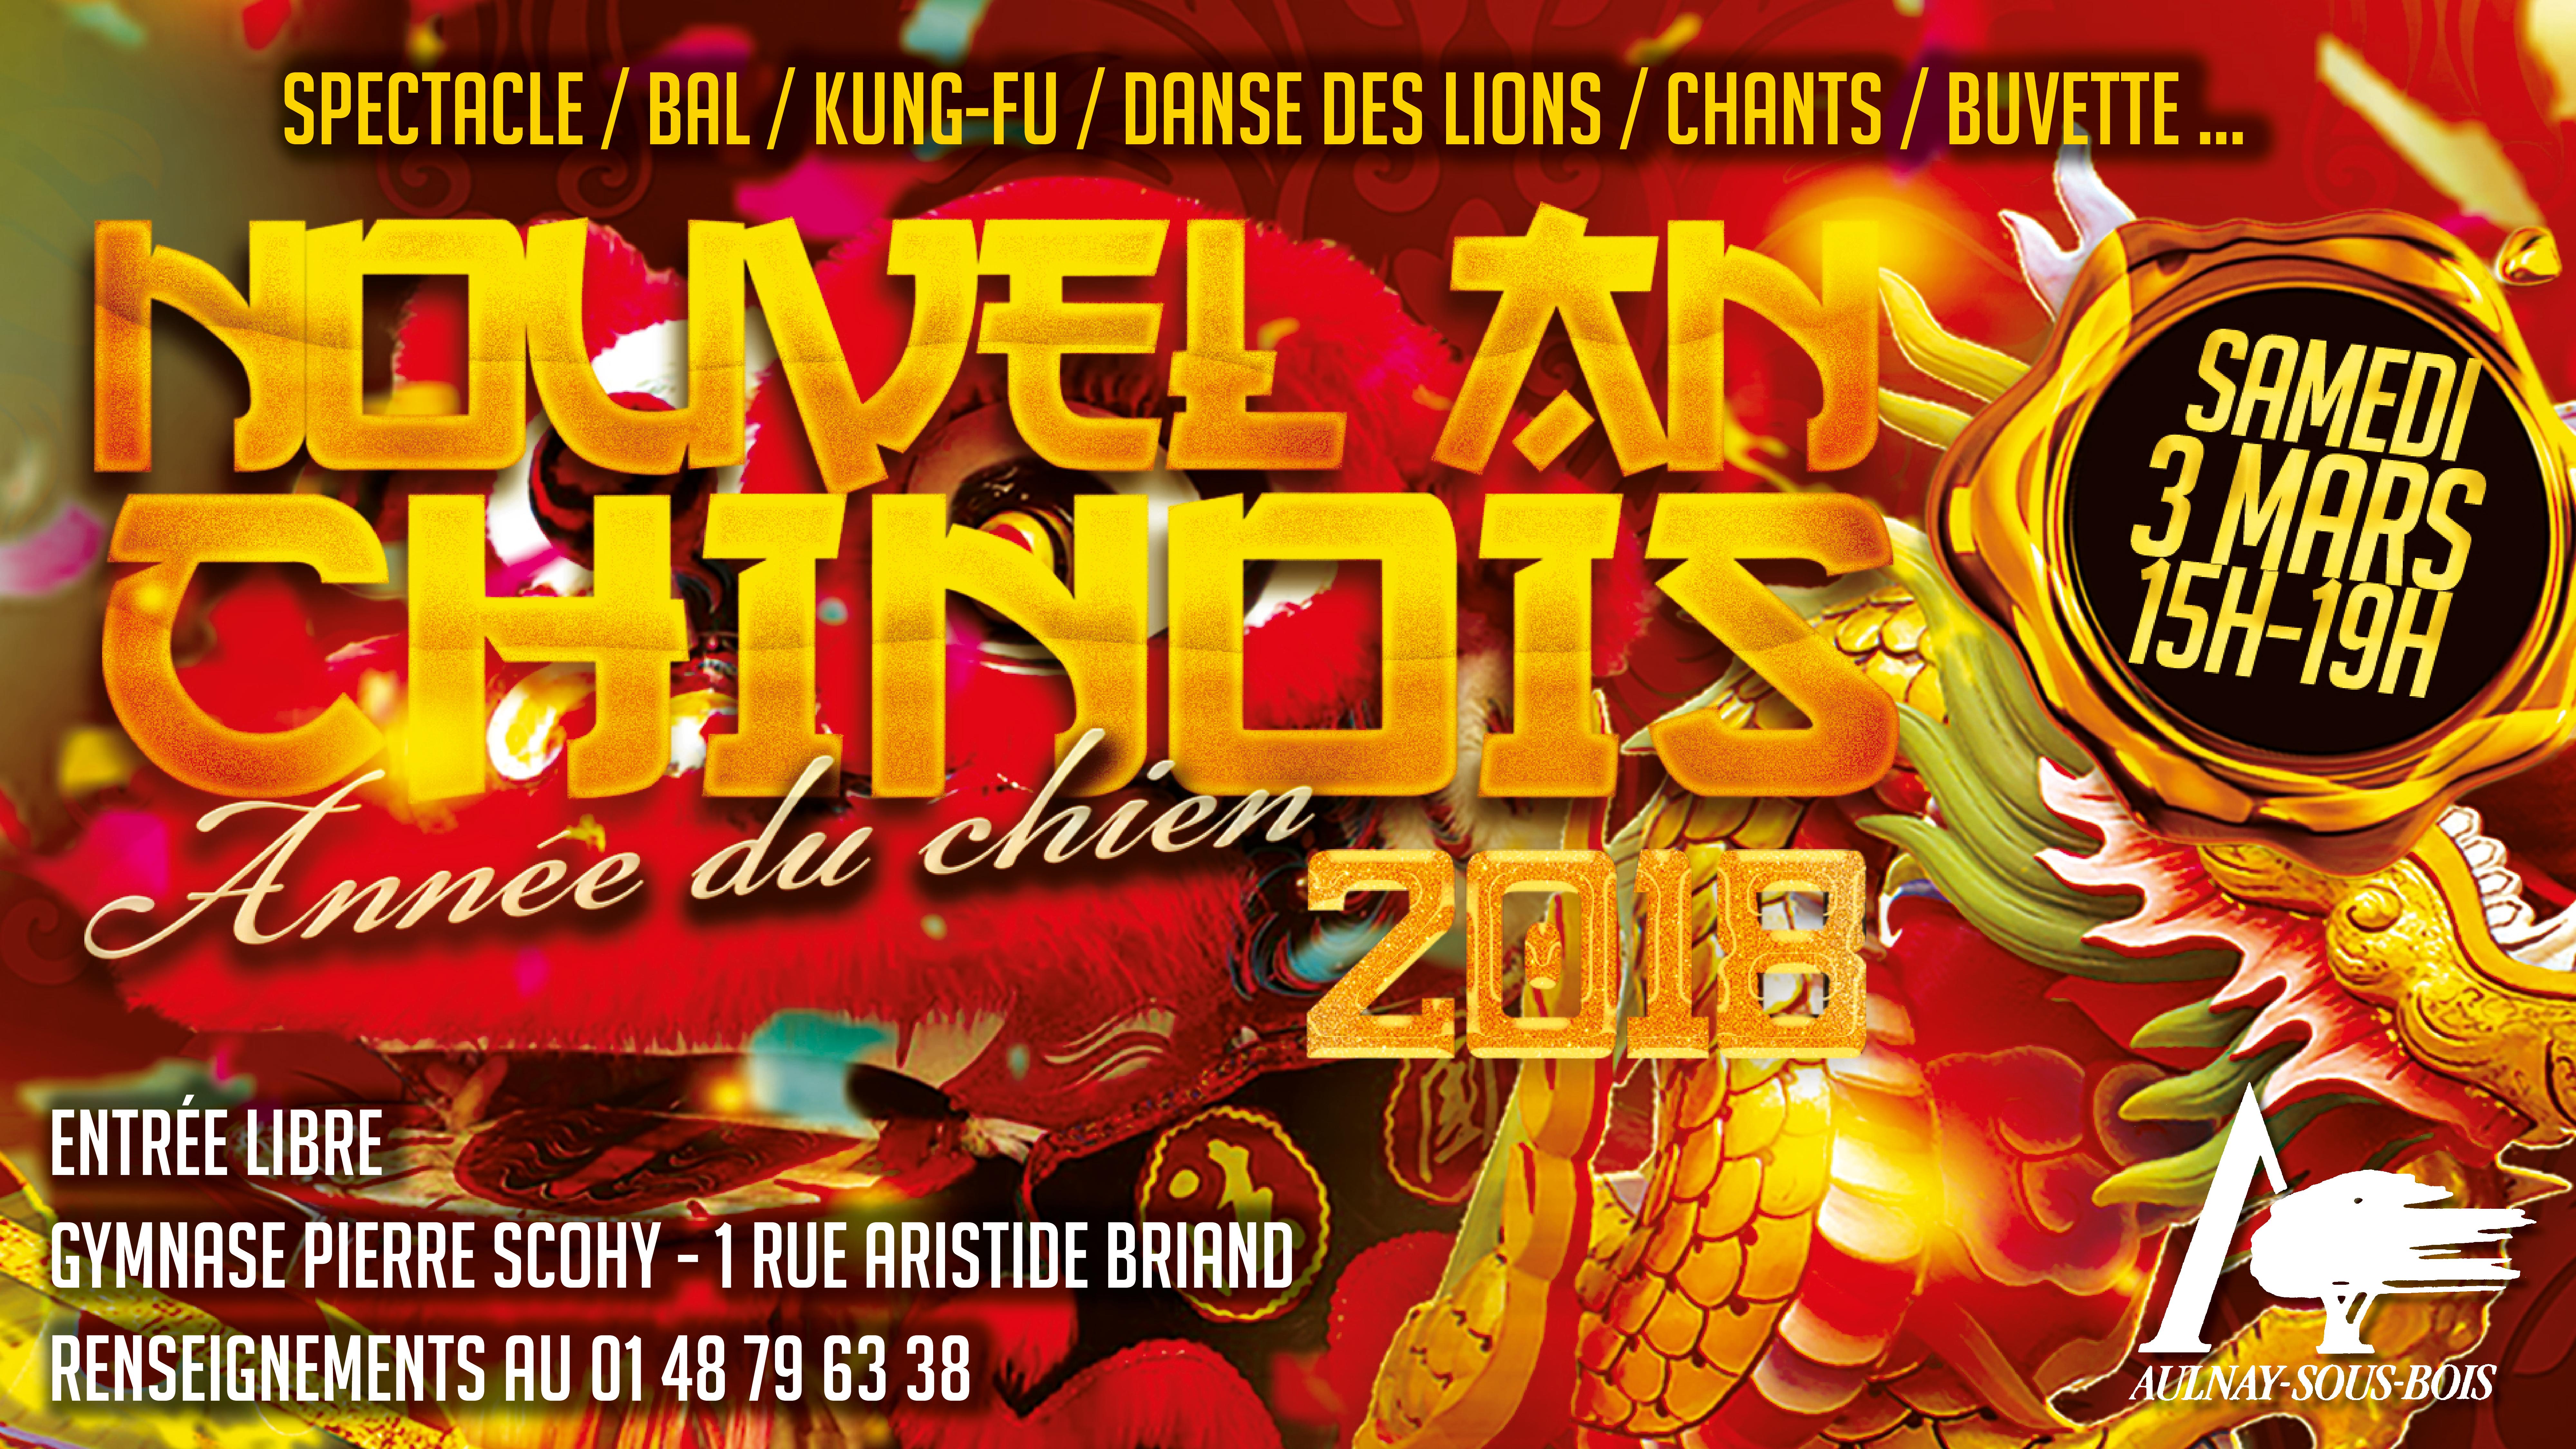 Aulnay-sous-Bois fête le nouvel an chinois ce samedi !